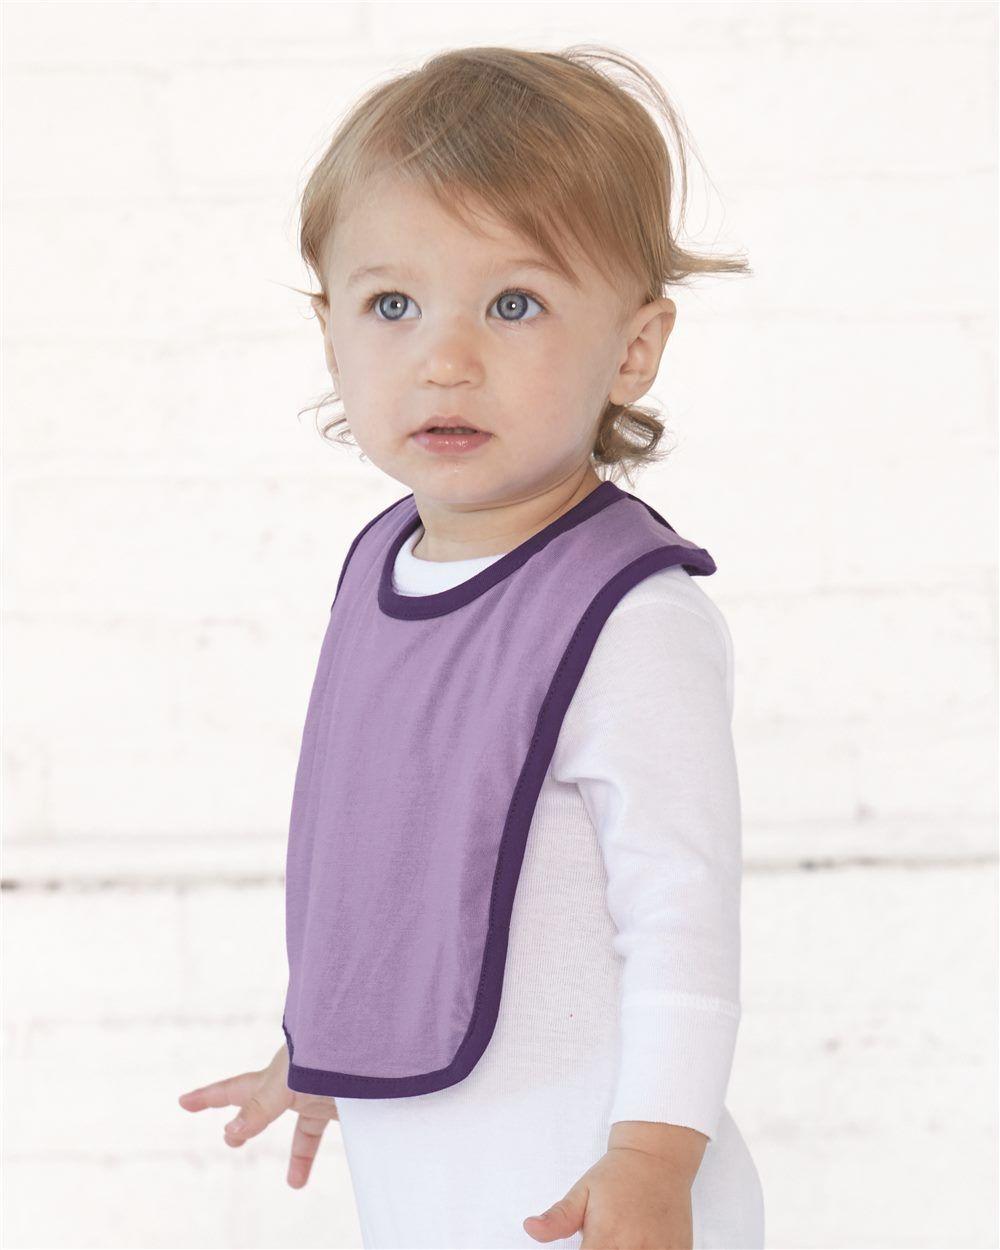 Rabbit Skins - Infant Contrast Trim Premium Jersey Bib - 1004 | Clothing Shop Online | Rabbit Skins - Infant Contrast Trim Premium Jersey Bib - 1004 - Pink/ Red - One Size